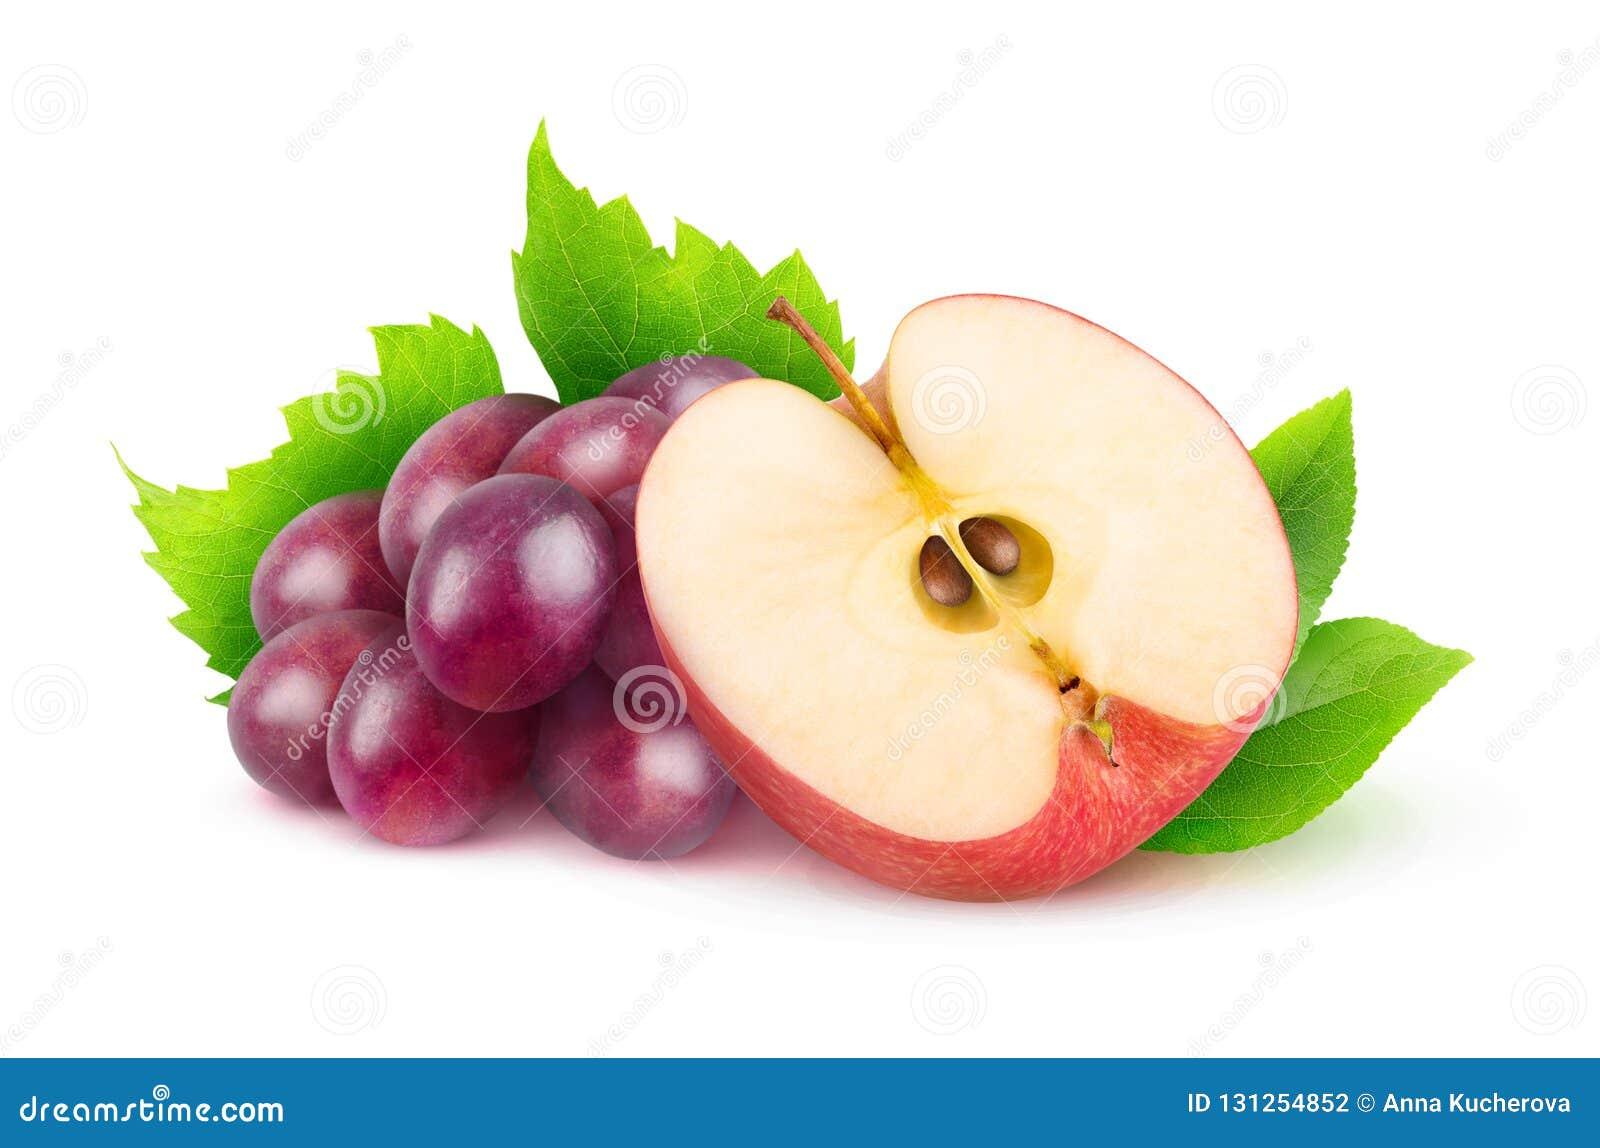 Uvas vermelhas e maçã isoladas